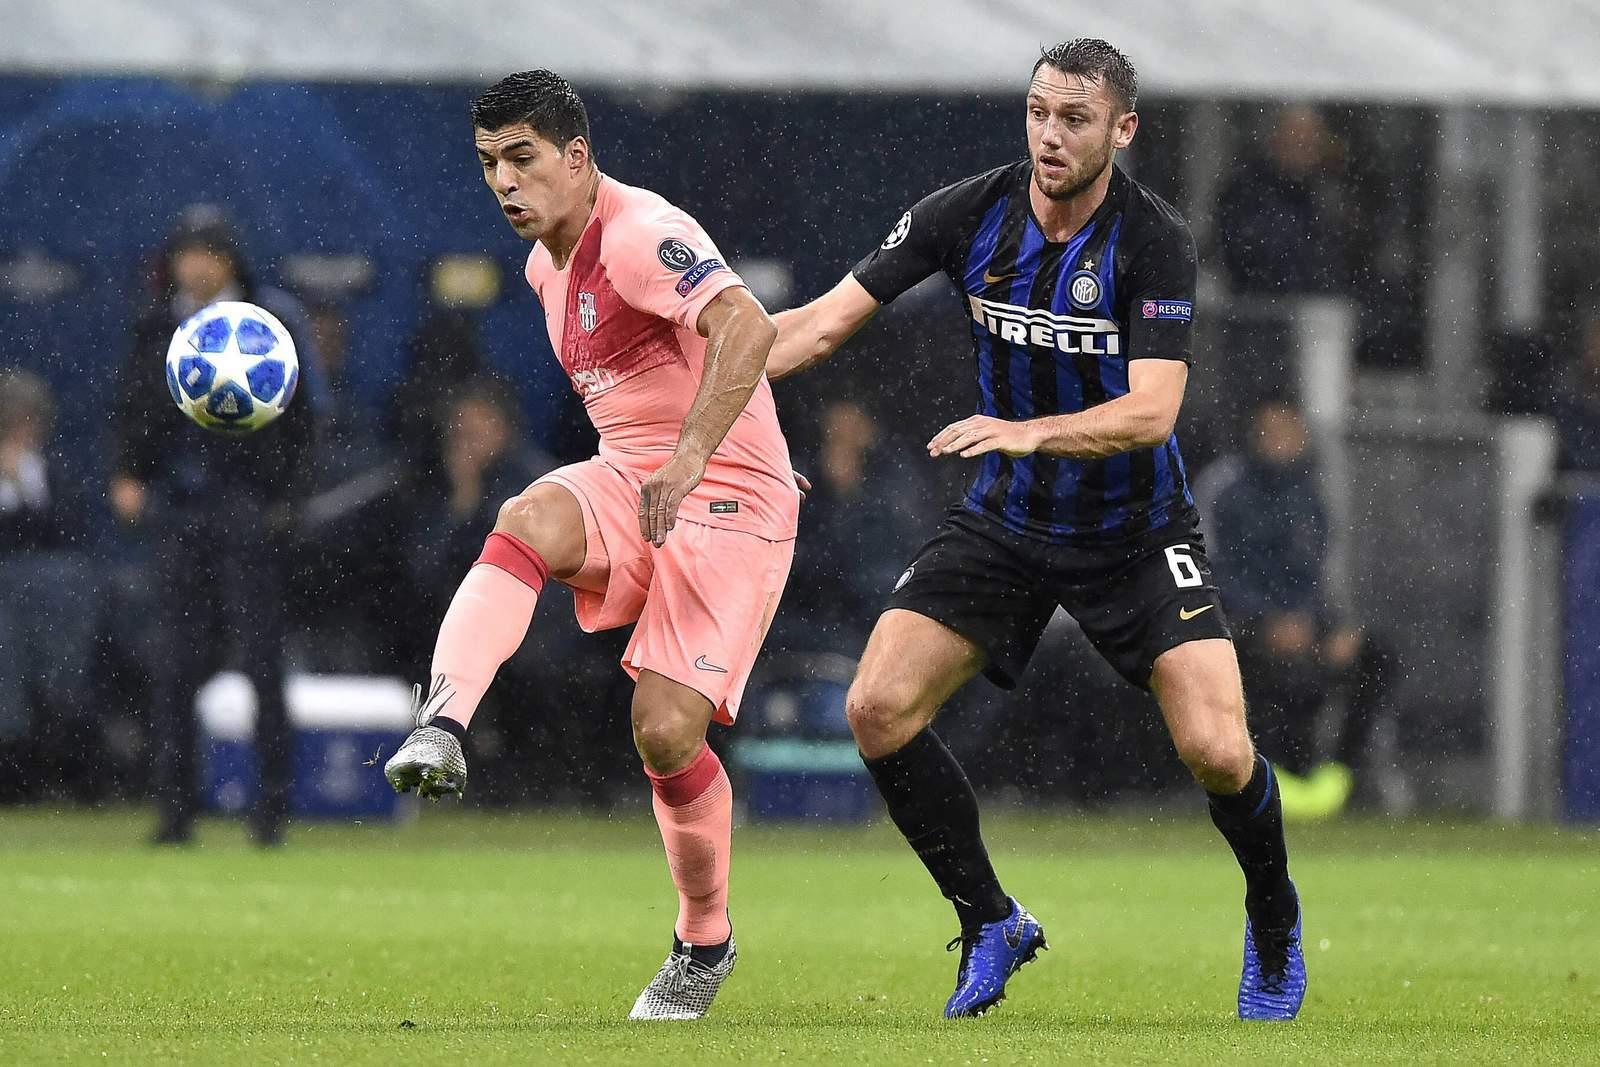 Hält die Serie der Katalanen um Luis Suarez (l.)? Jetzt auf Barcelona gegen Inter wetten!